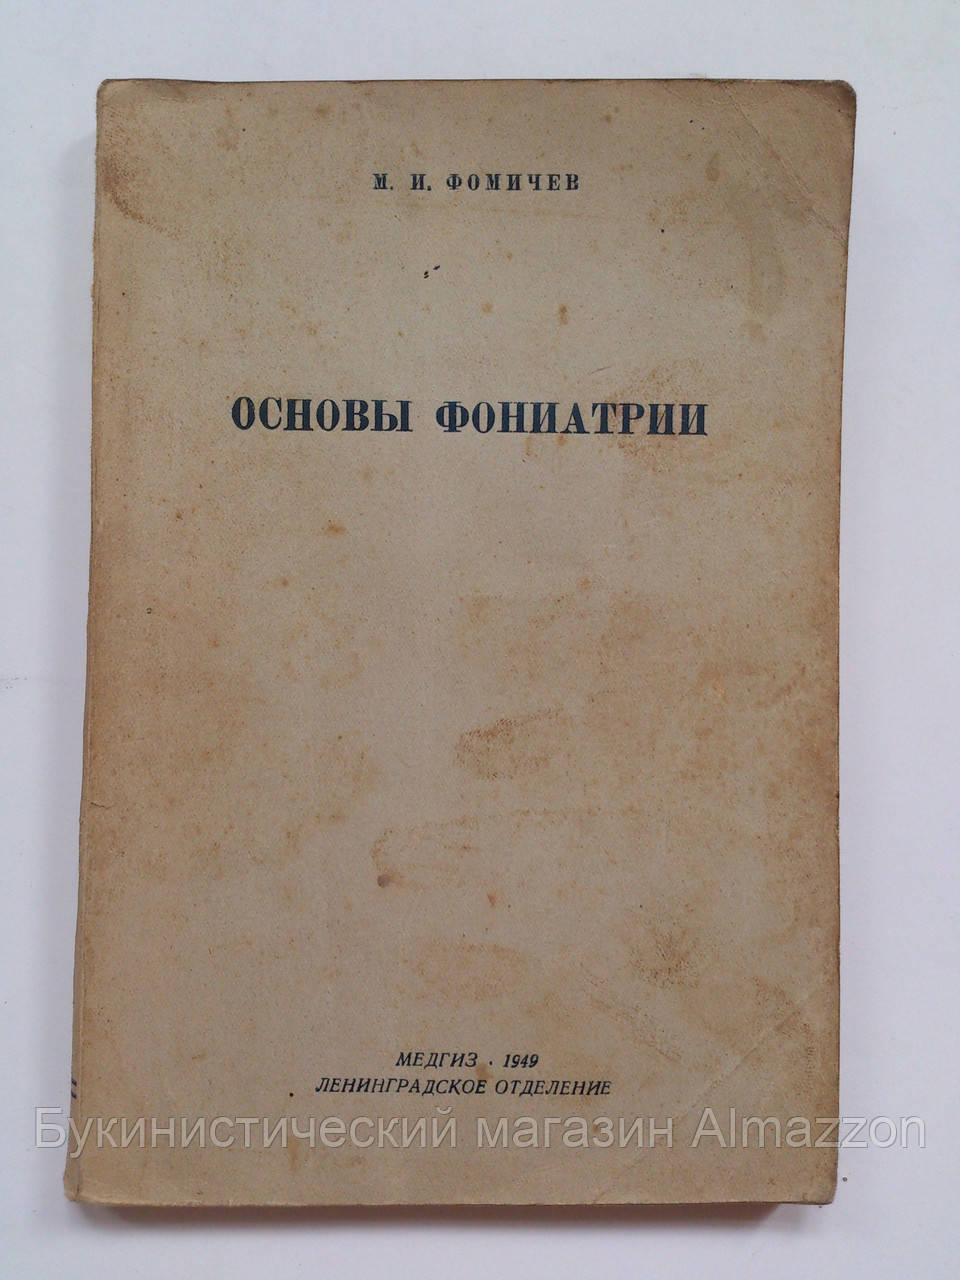 """М.Фомичев """"Основы фониатрии"""". 1949 год"""